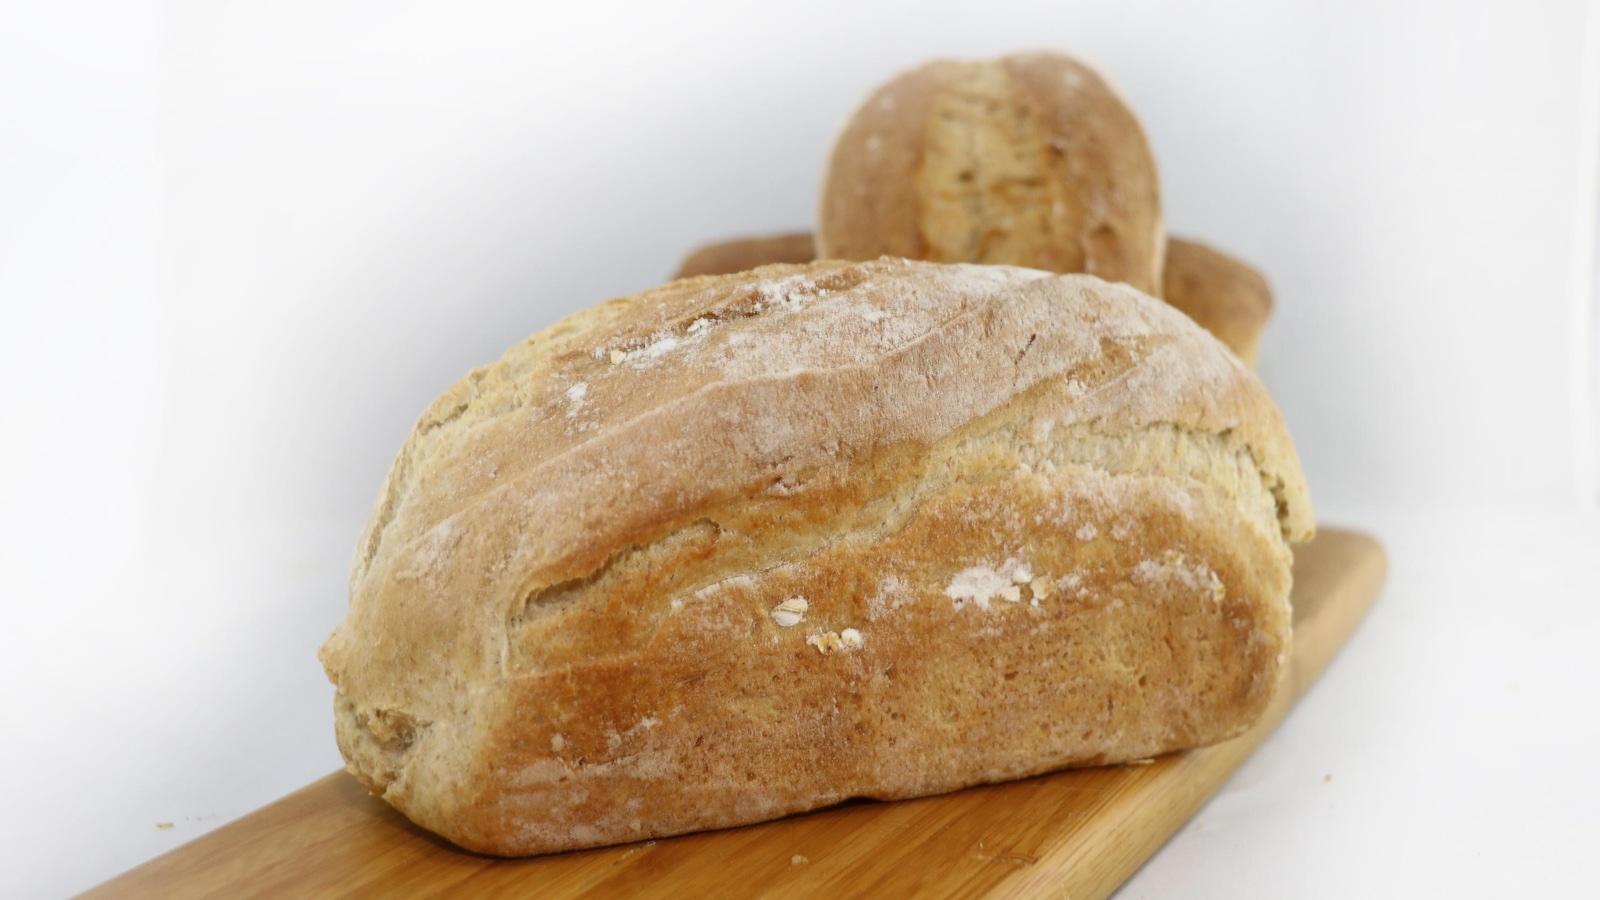 trois miches de pain.